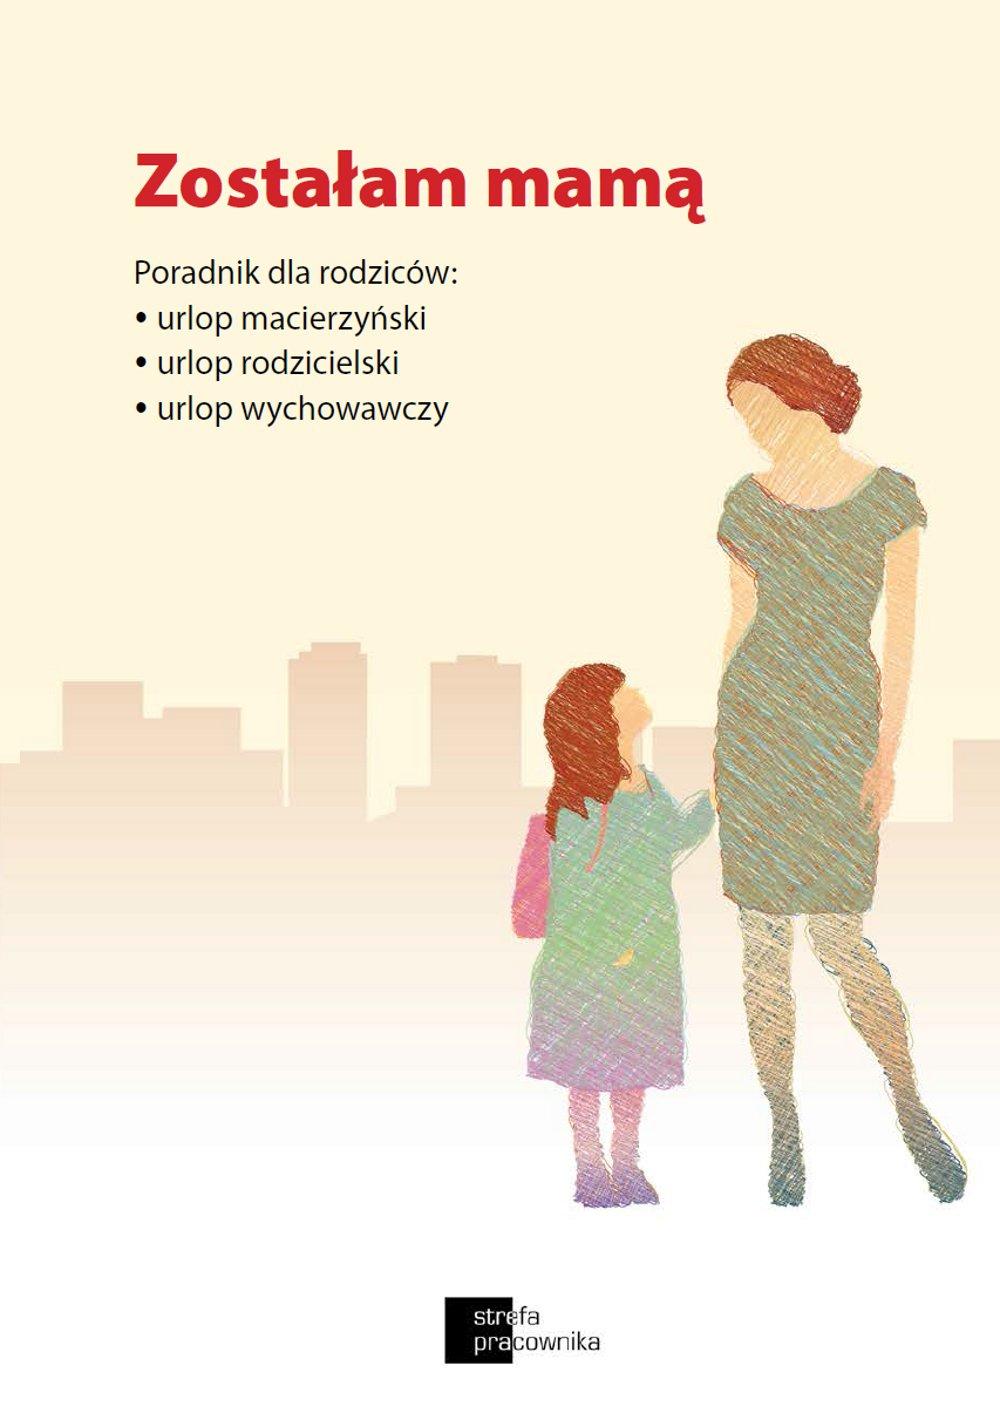 Zostałam mamą. Poradnik dla rodziców: urlop macierzyński, urlop rodzicielski, urlop wychowawczy - Ebook (Książka na Kindle) do pobrania w formacie MOBI